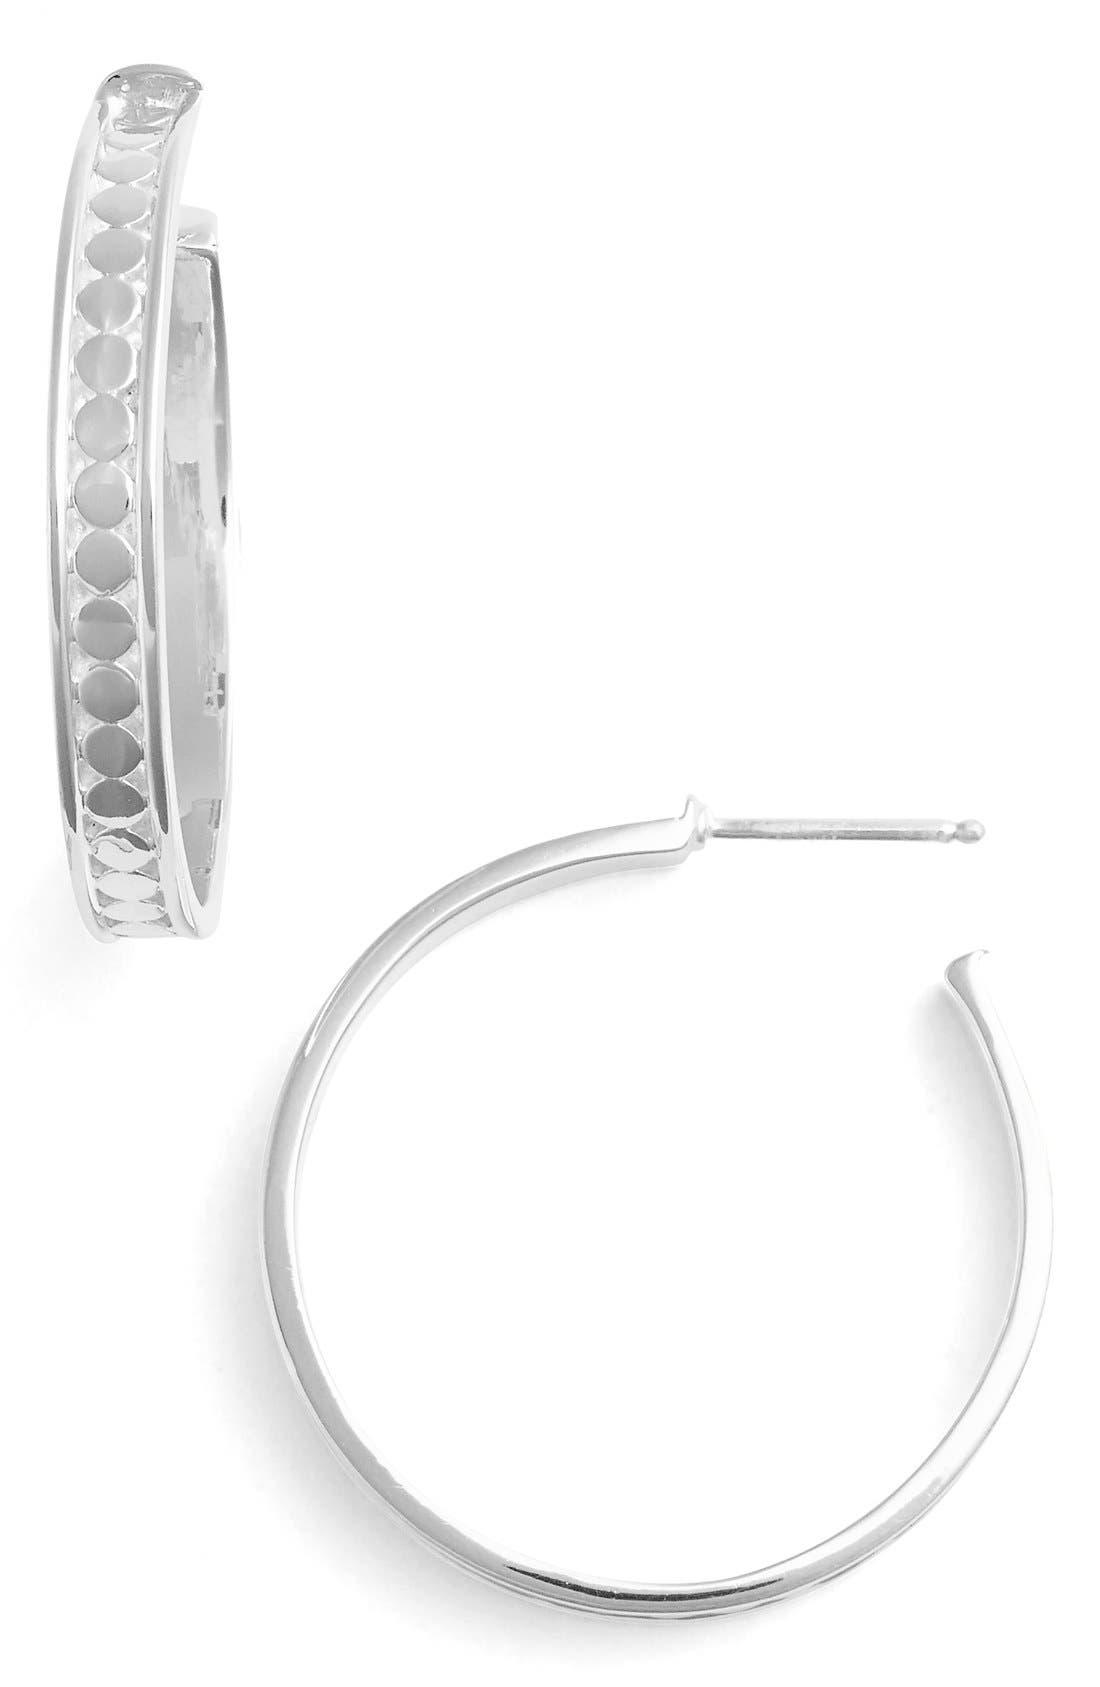 'Bali' Hoop Earrings,                             Main thumbnail 1, color,                             STERLING SILVER